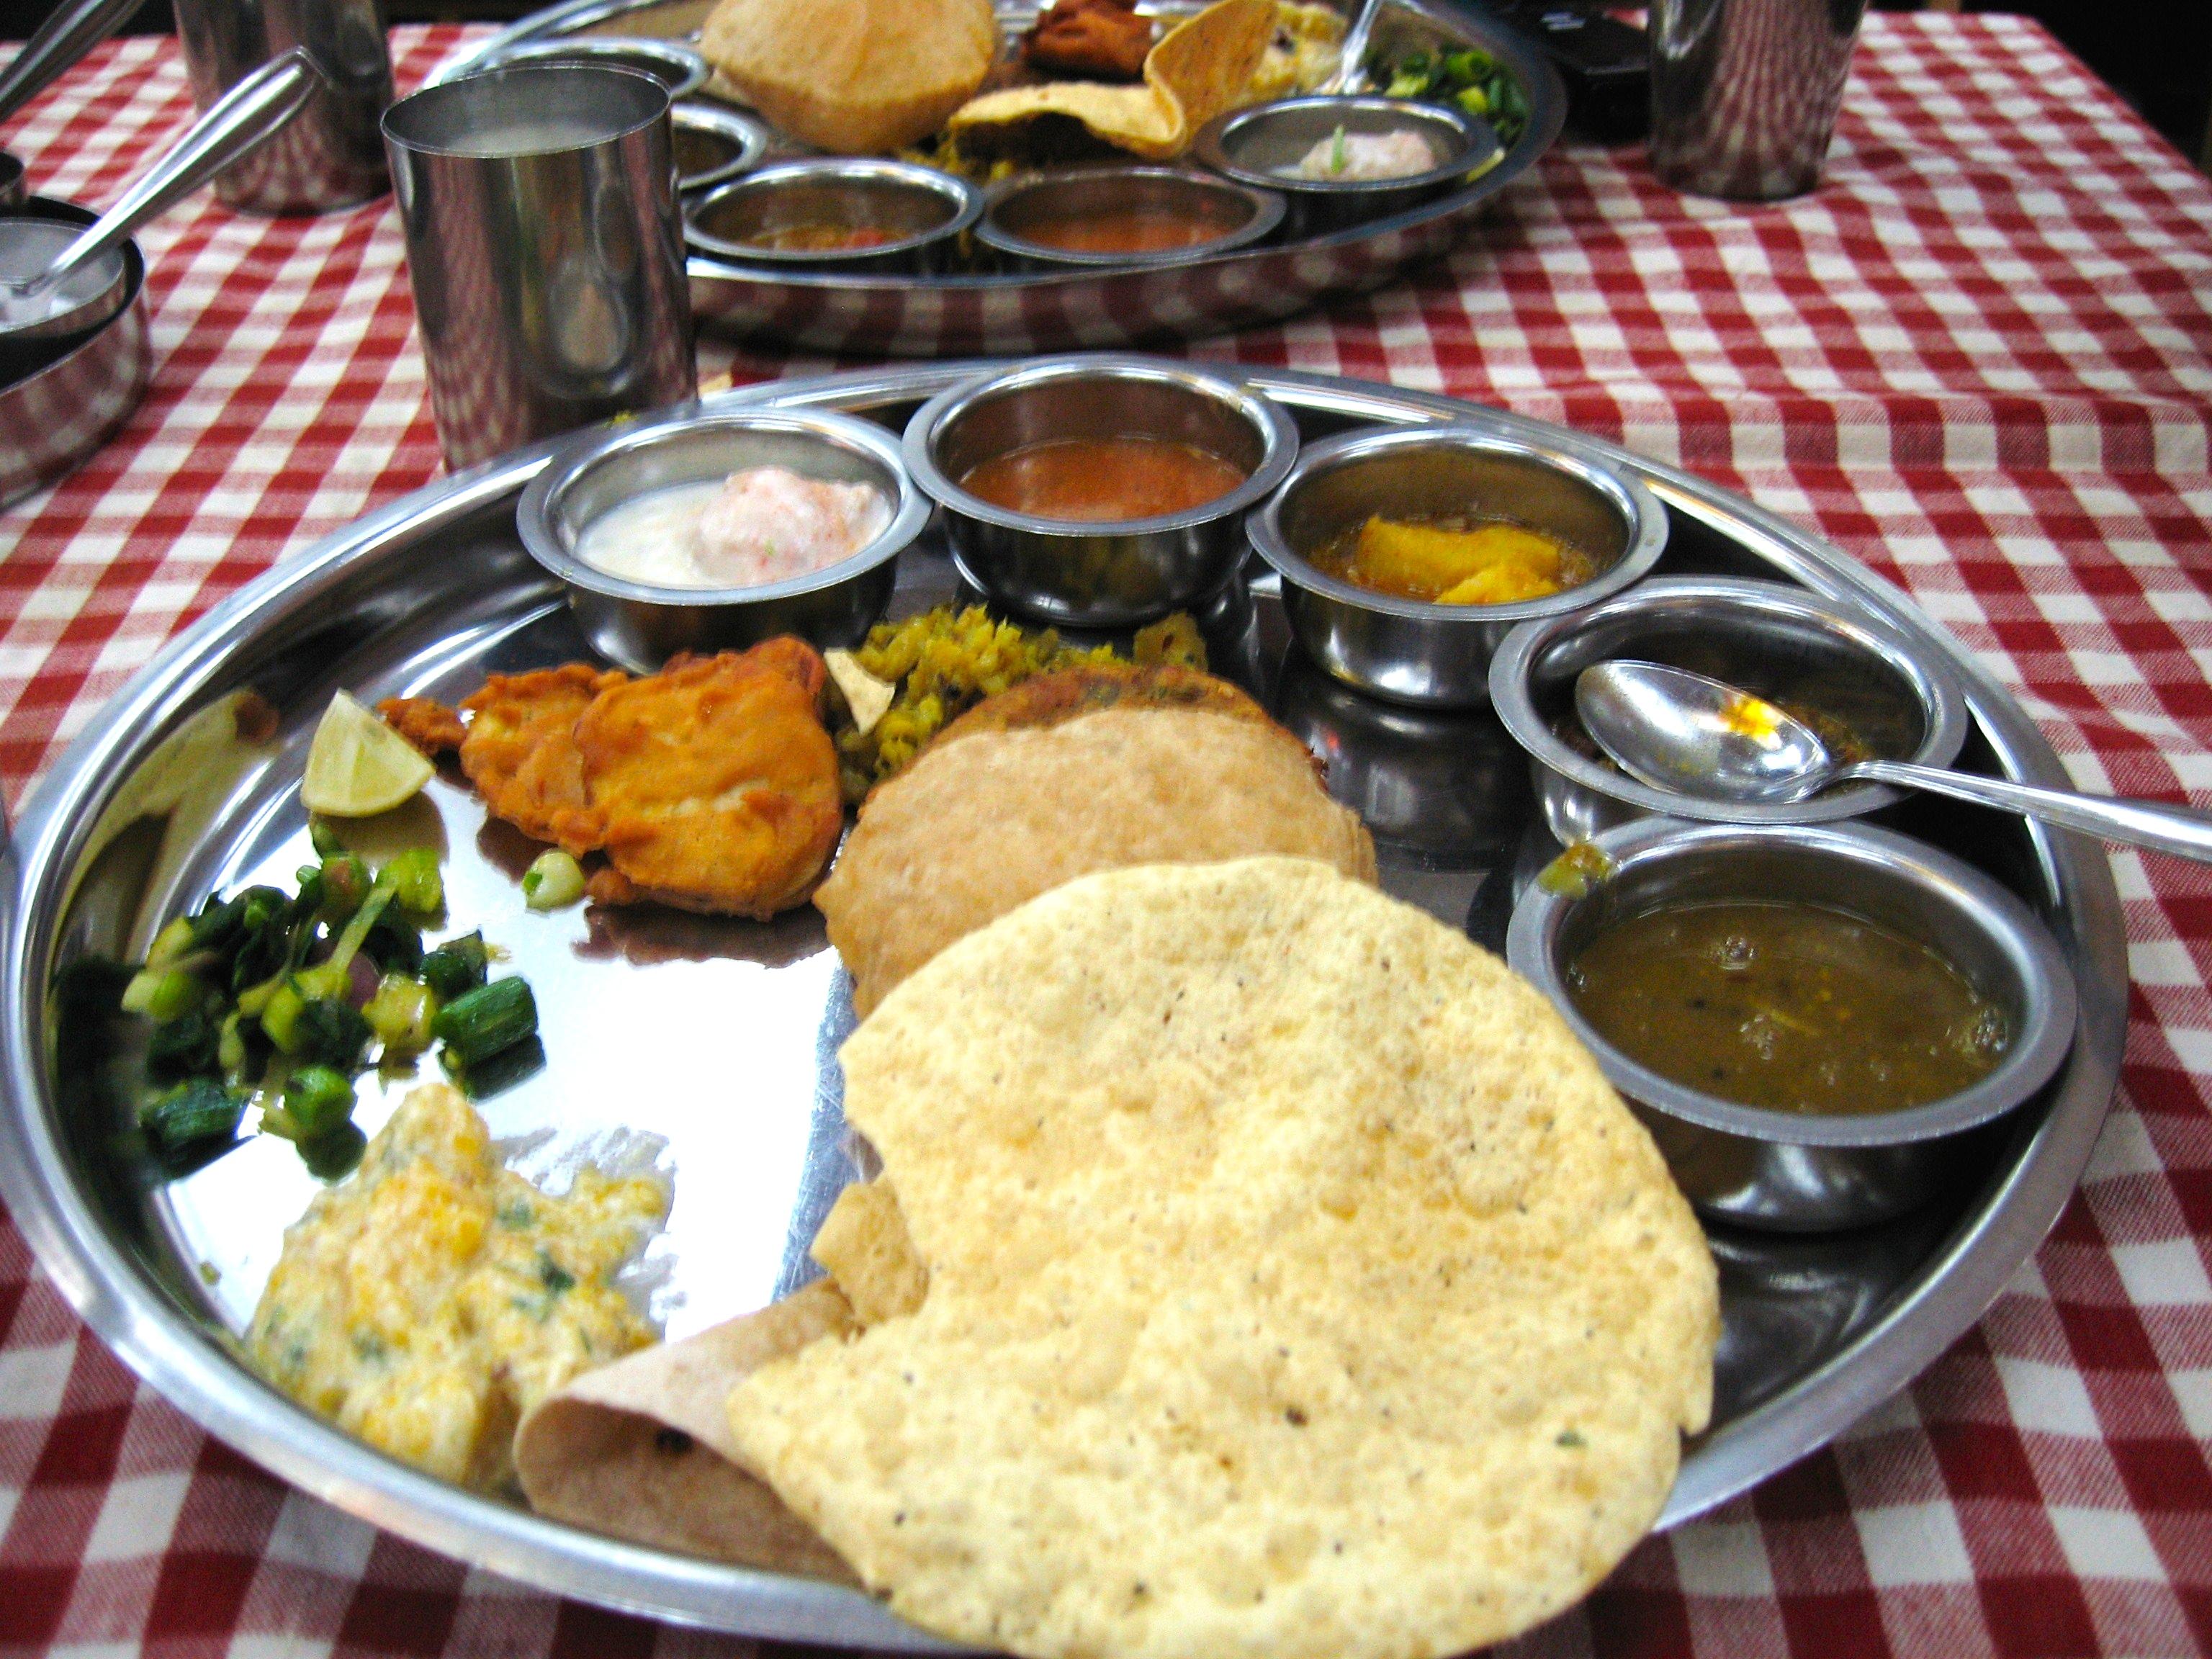 Thali Bombay Howrah Dining Car : yummy maharashtrian thaali at shreyas hotel from bombayhowrahdiningcar.com size 3072 x 2304 jpeg 2146kB